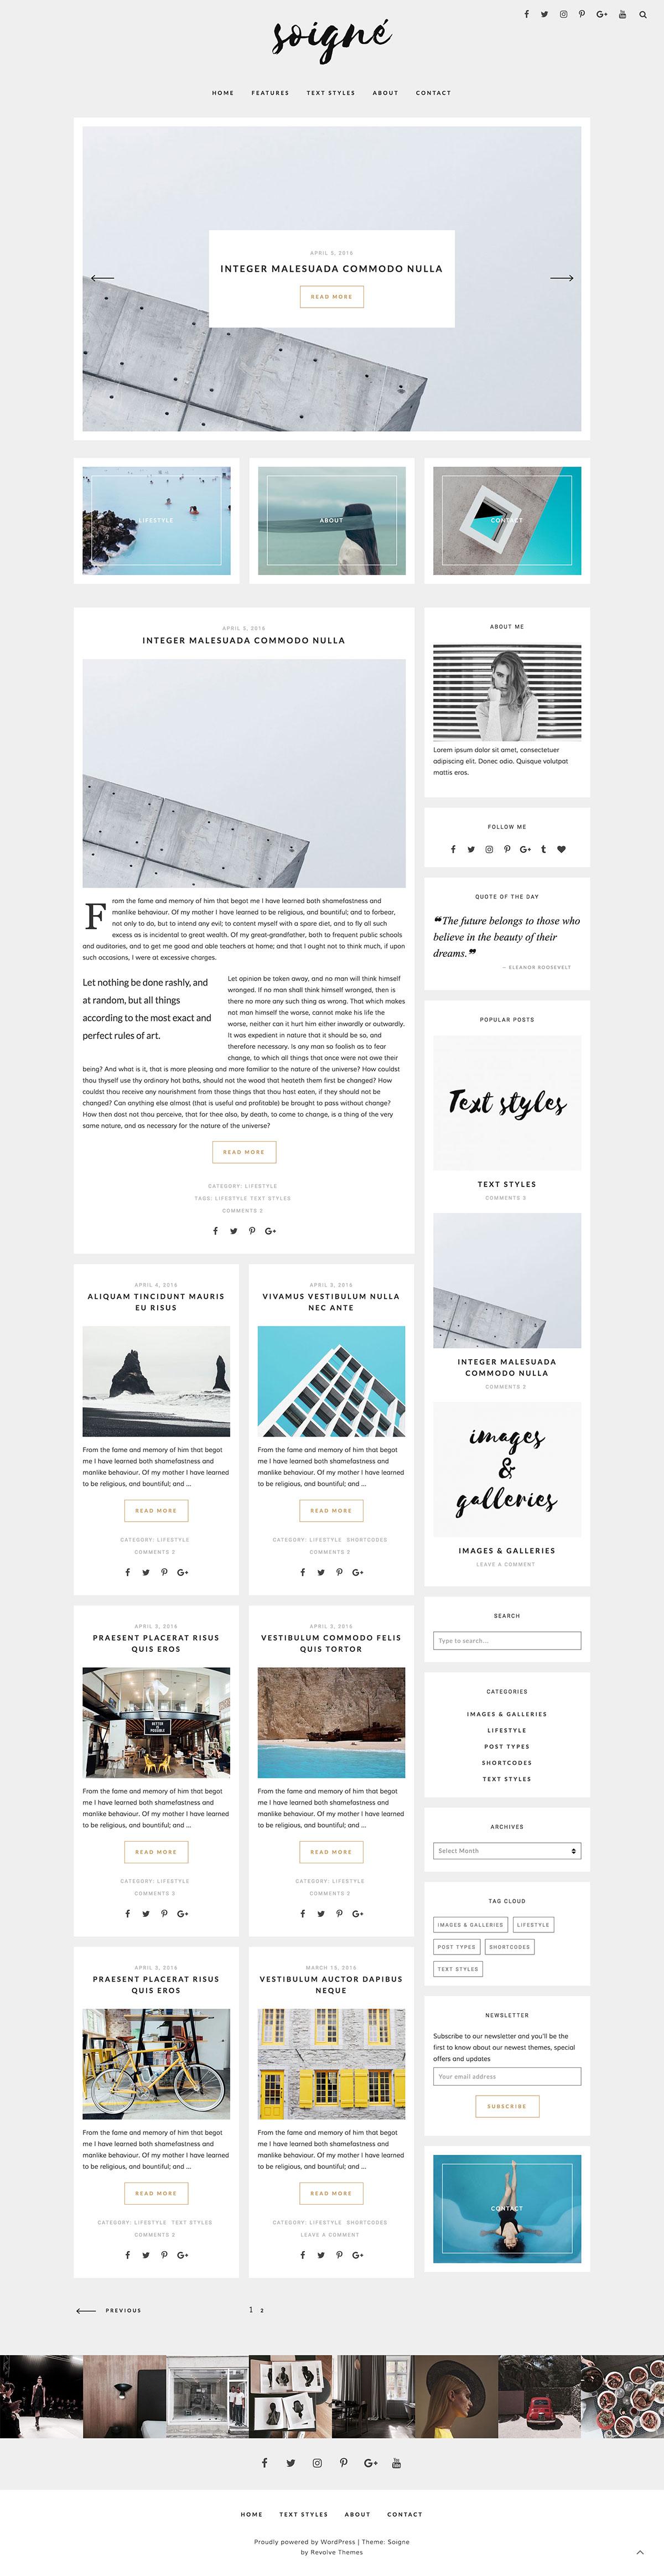 Soigne - A Minimal WordPress Blog Theme